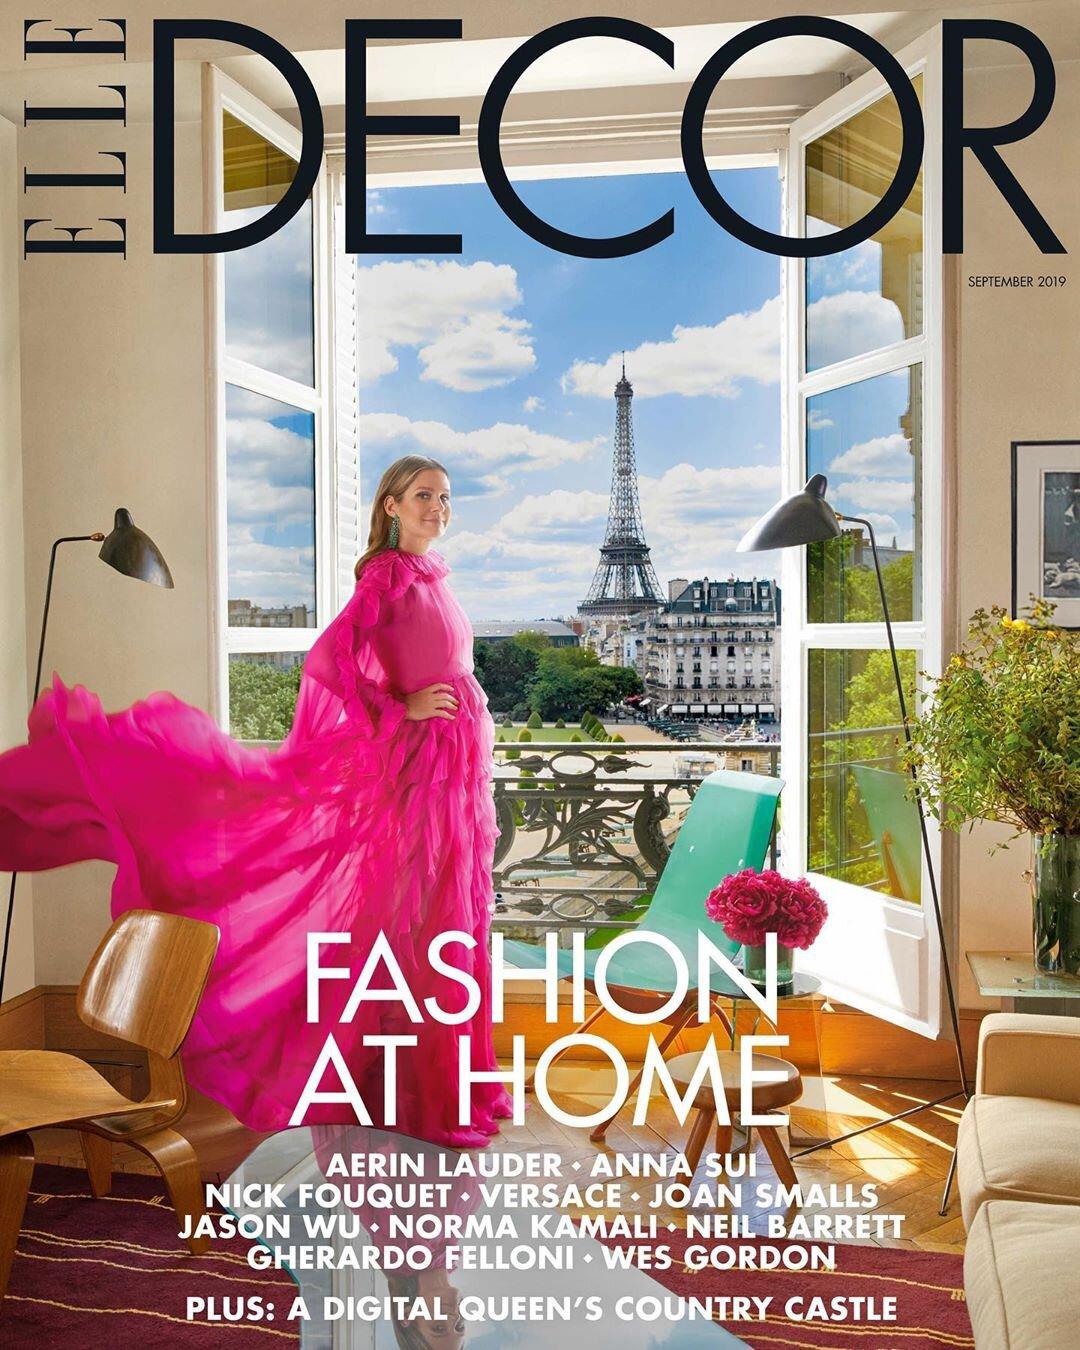 Elle Decor September 2019.jpg